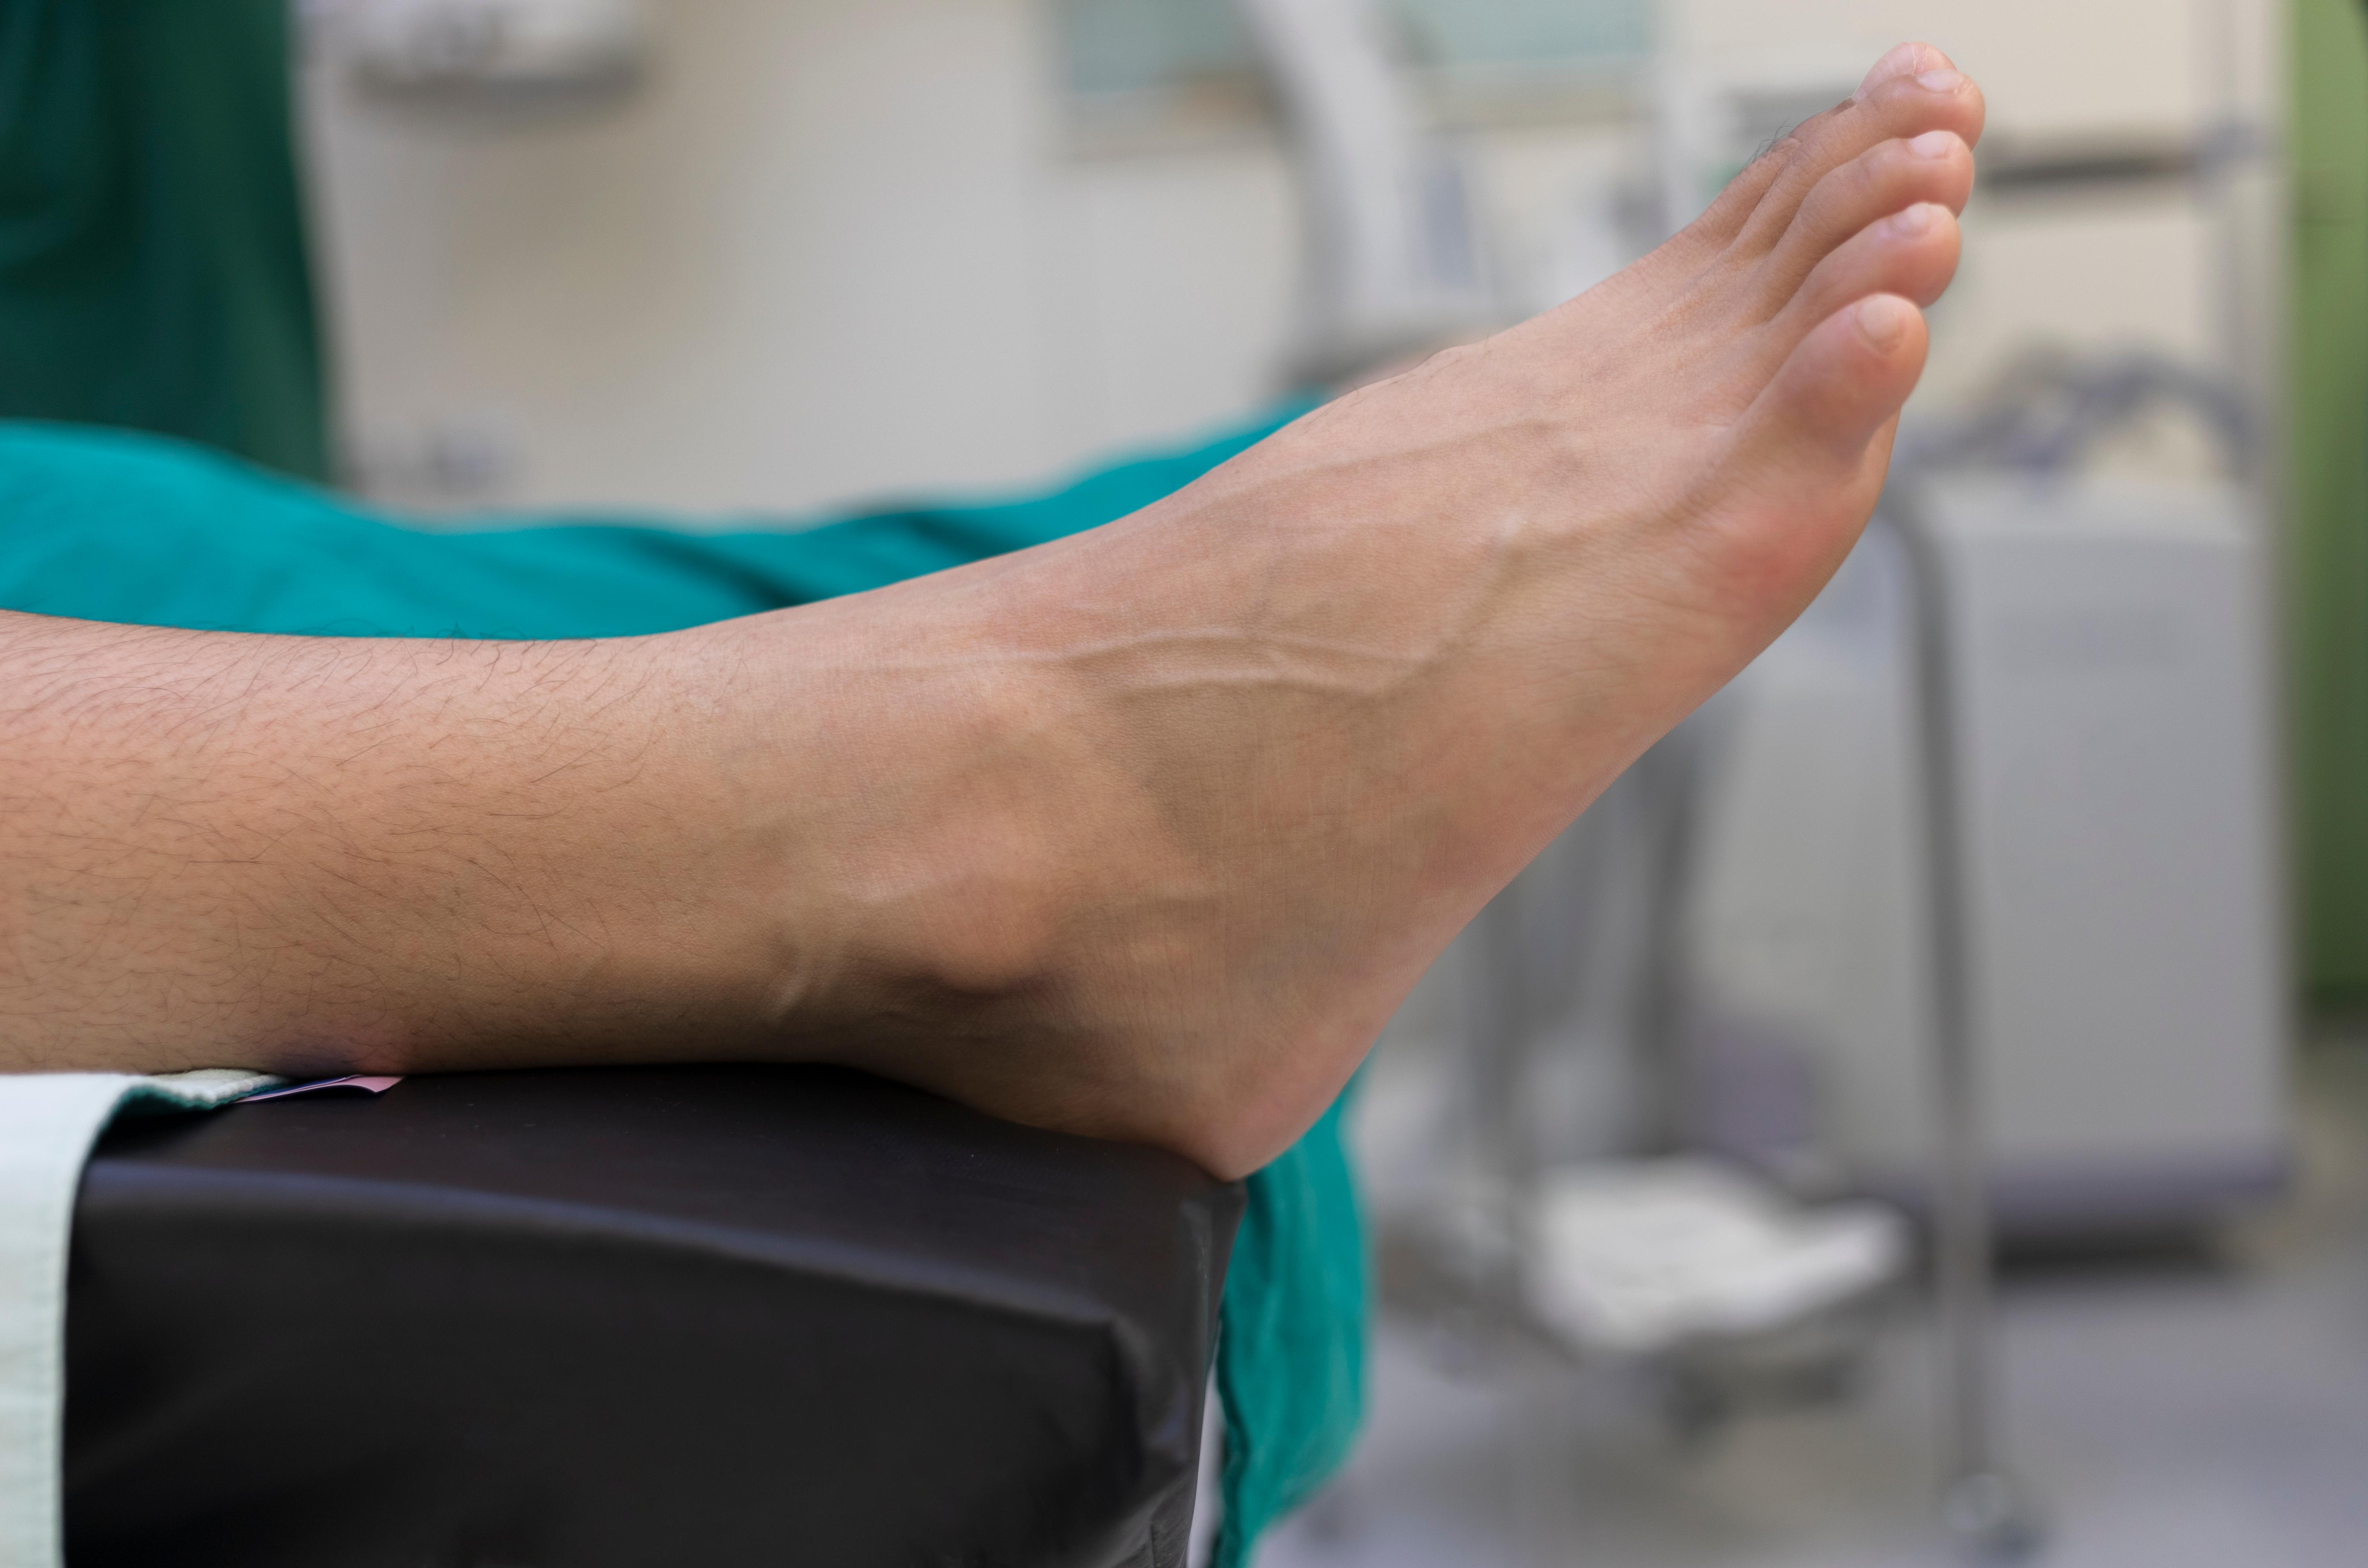 E no persistente inchaço tempo tornozelo há após panturrilha no quanto pé cirurgia